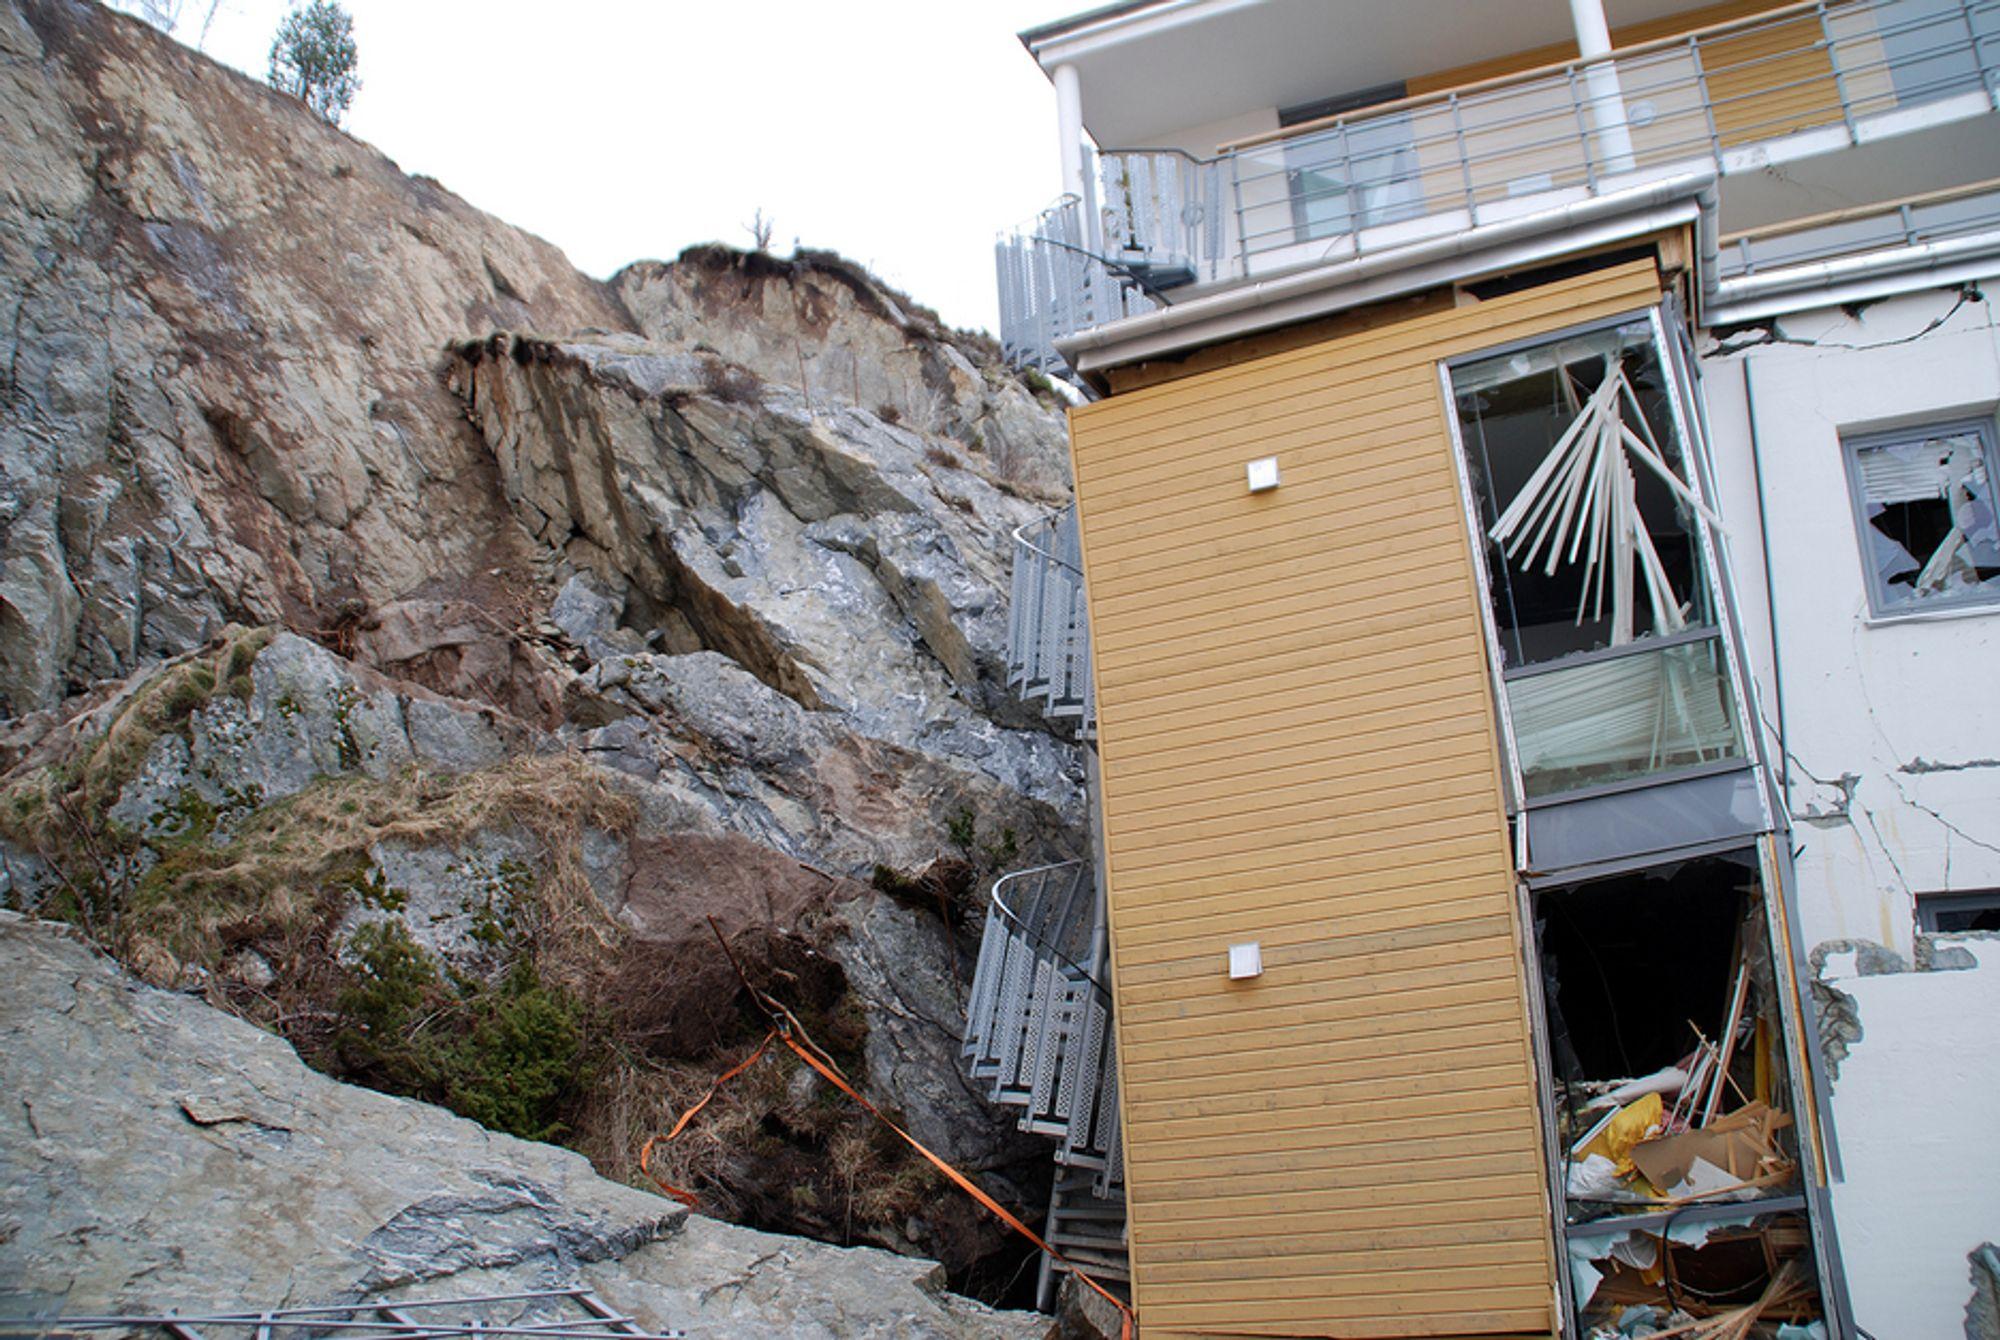 Deres hjem ble knust etter å ha blitt truffet av store steinmasser, og fem personer omkom. Nå ønsker flere av boligblokkens tidligere beboere likevel å flytte tilbake.